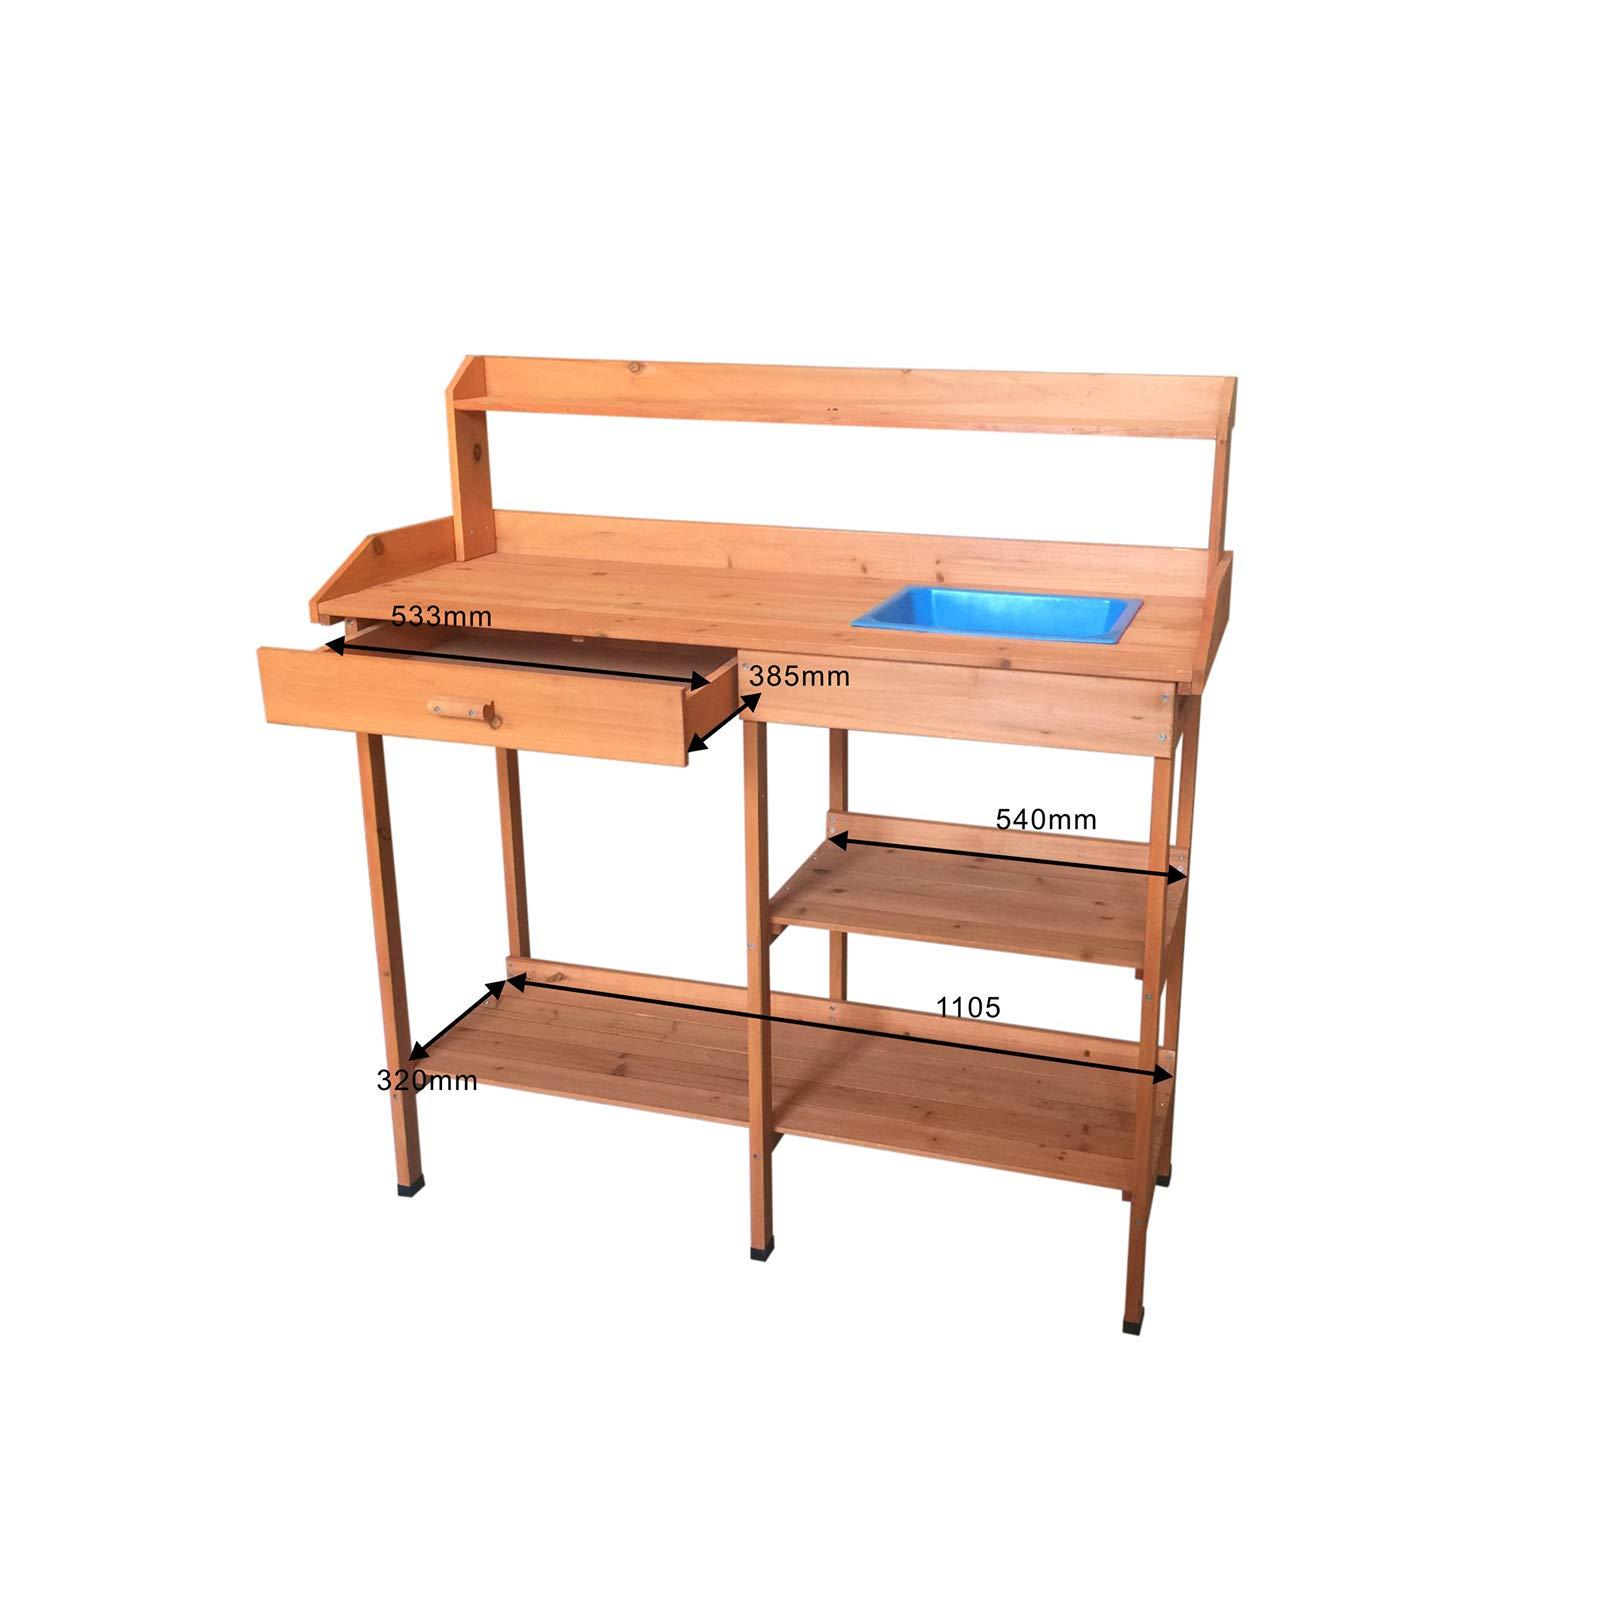 Gardiun KNH1095 - Mesa de trabajo jardinería madera natural Kalvin 116x44x125 cm: Amazon.es: Jardín